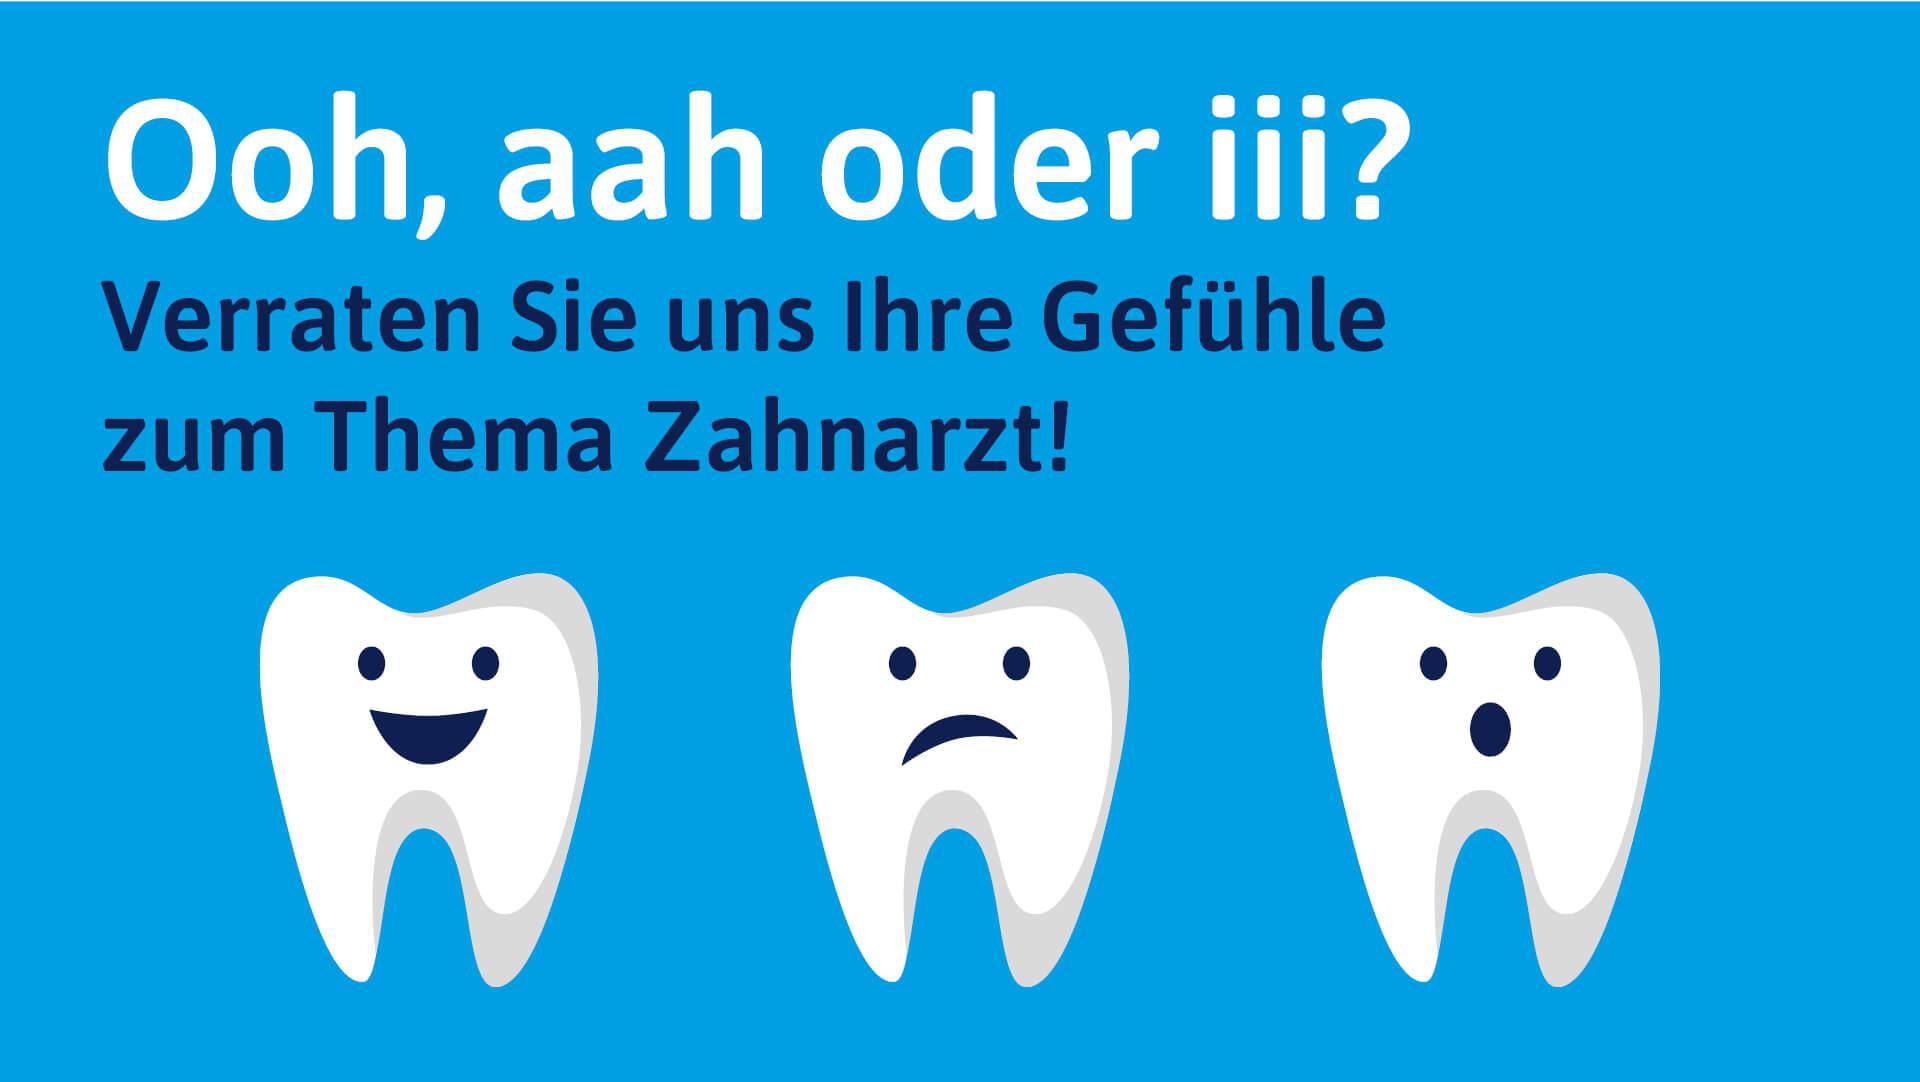 Wissenschaftliche Umfrage Zahnarzt